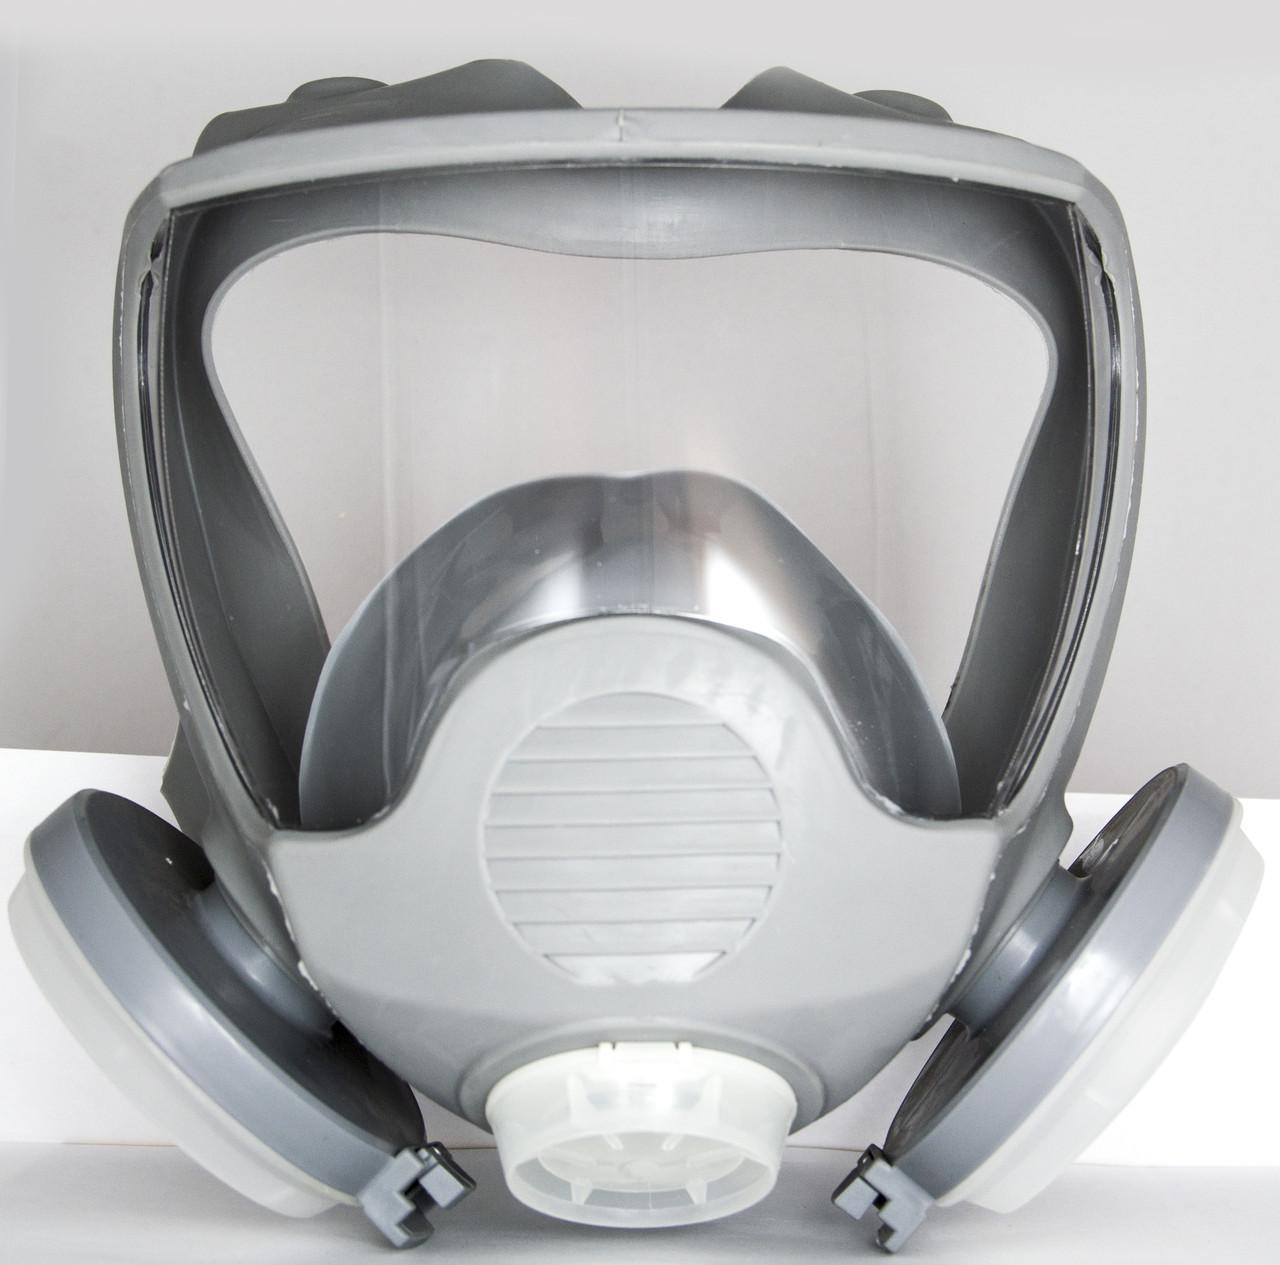 Маска лицевая обзорная с пылевыми фильтрами (диски) в резиновой оправе  DR-0025